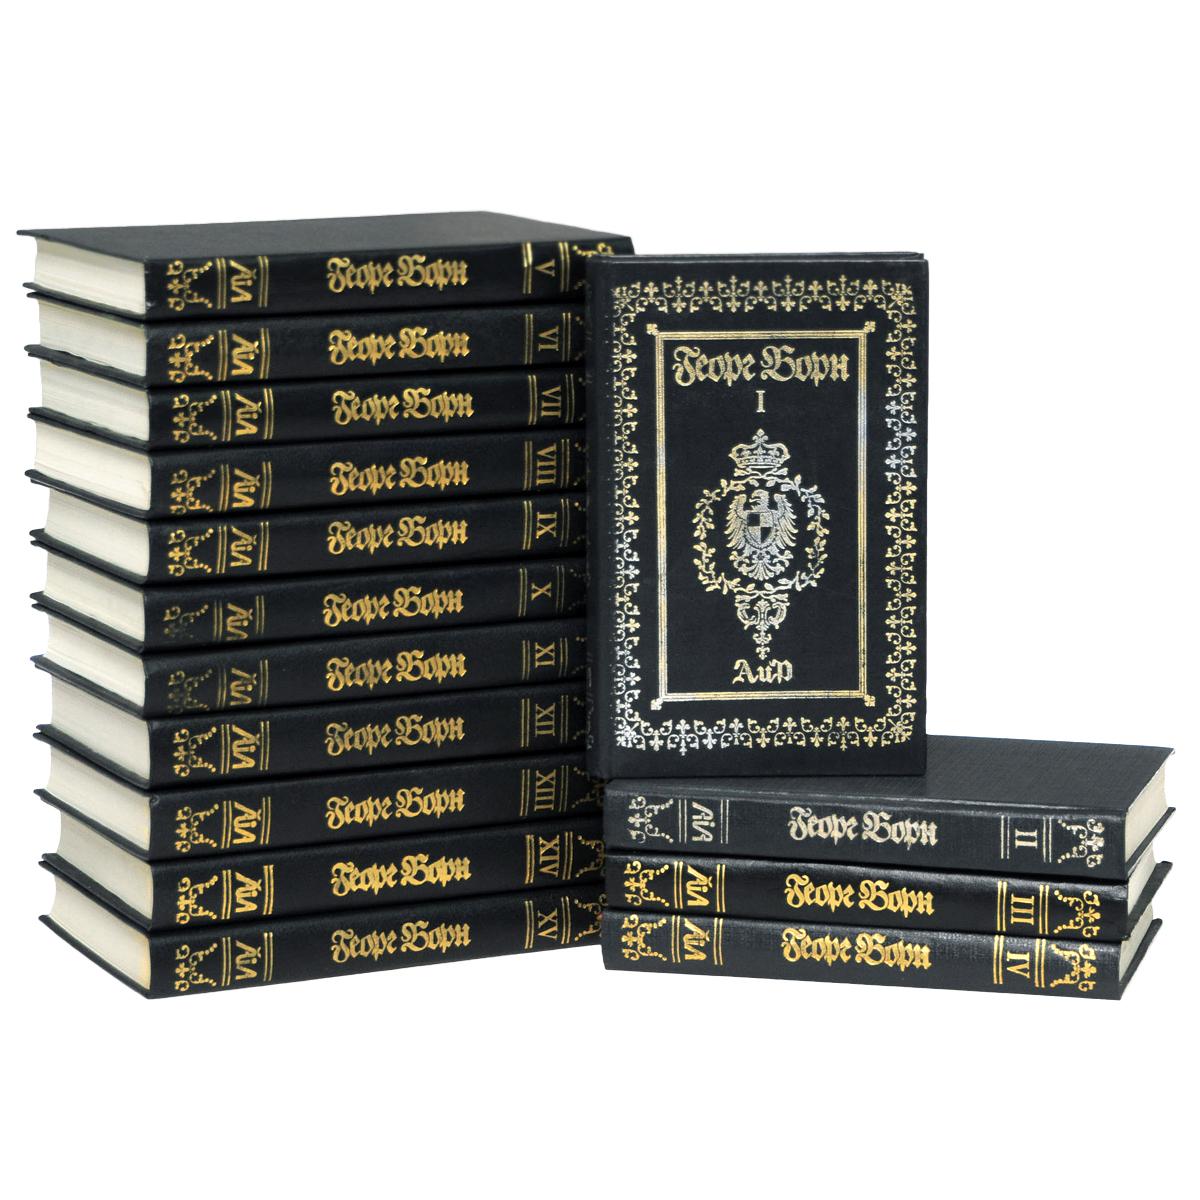 Георг Борн. Собрание сочинений в 14 томах + дополнительный том (комплект из 15 книг)